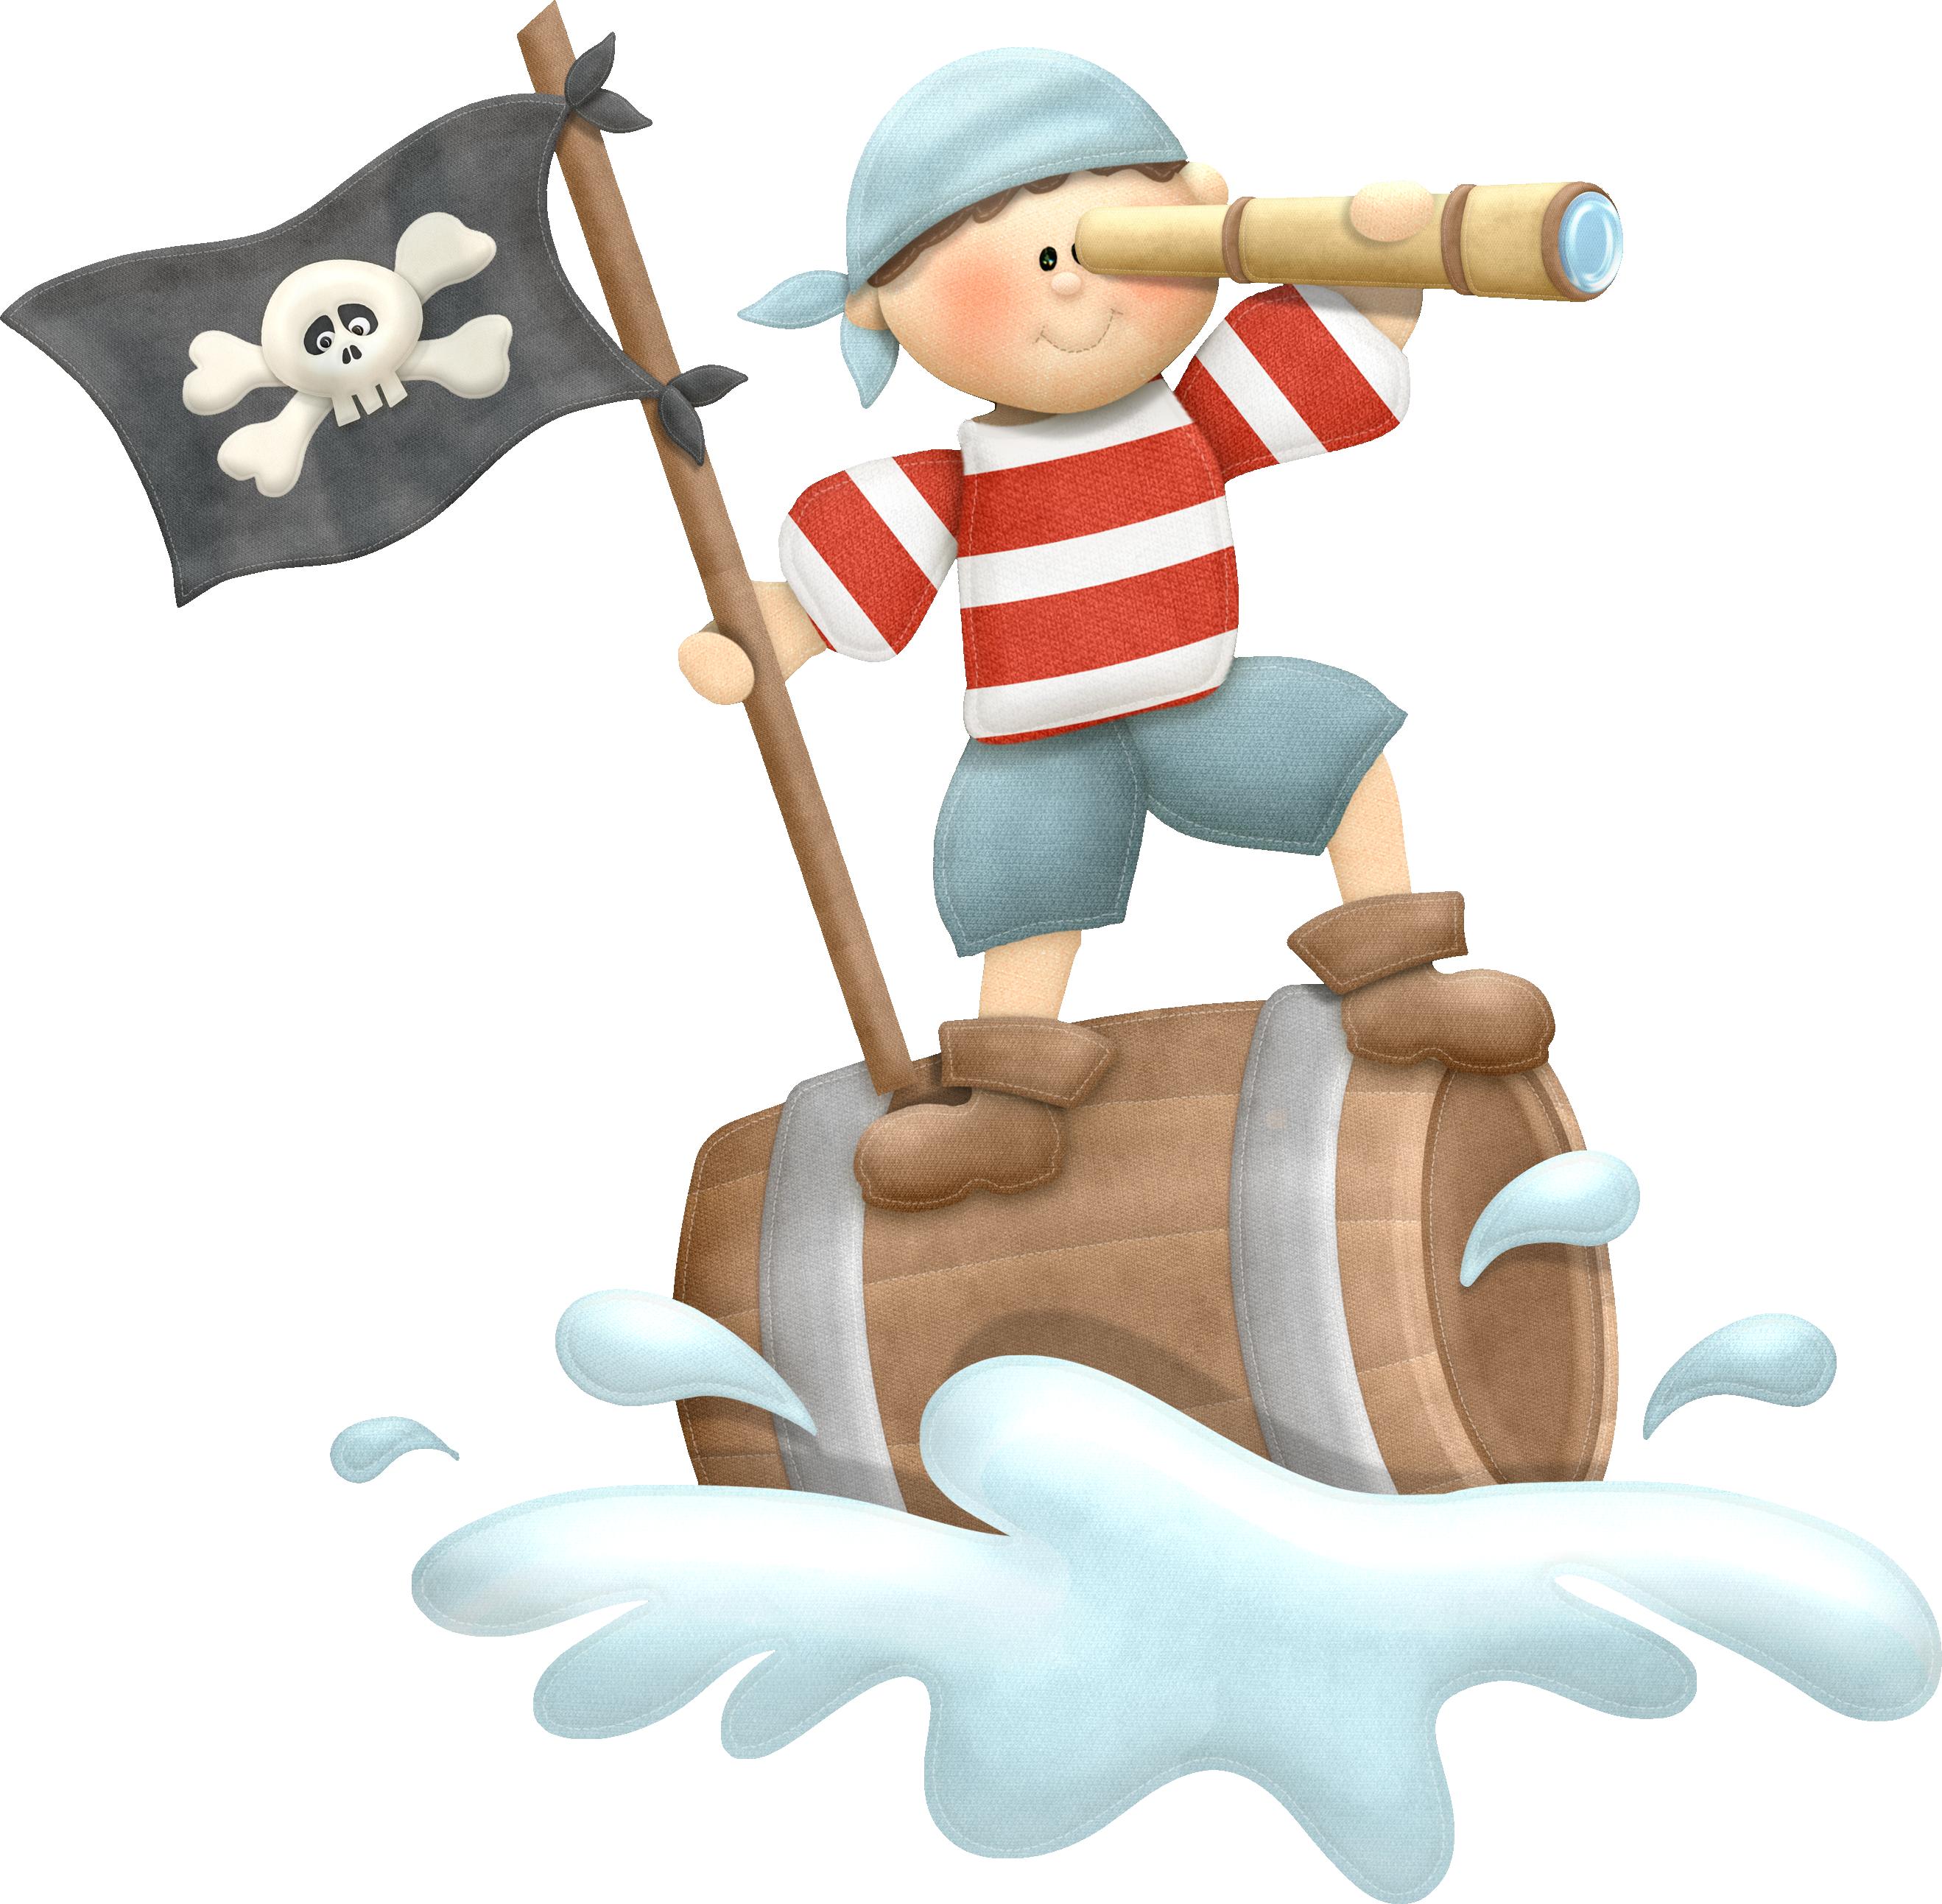 Im genes infantiles pirata con barril - Piratas infantiles imagenes ...